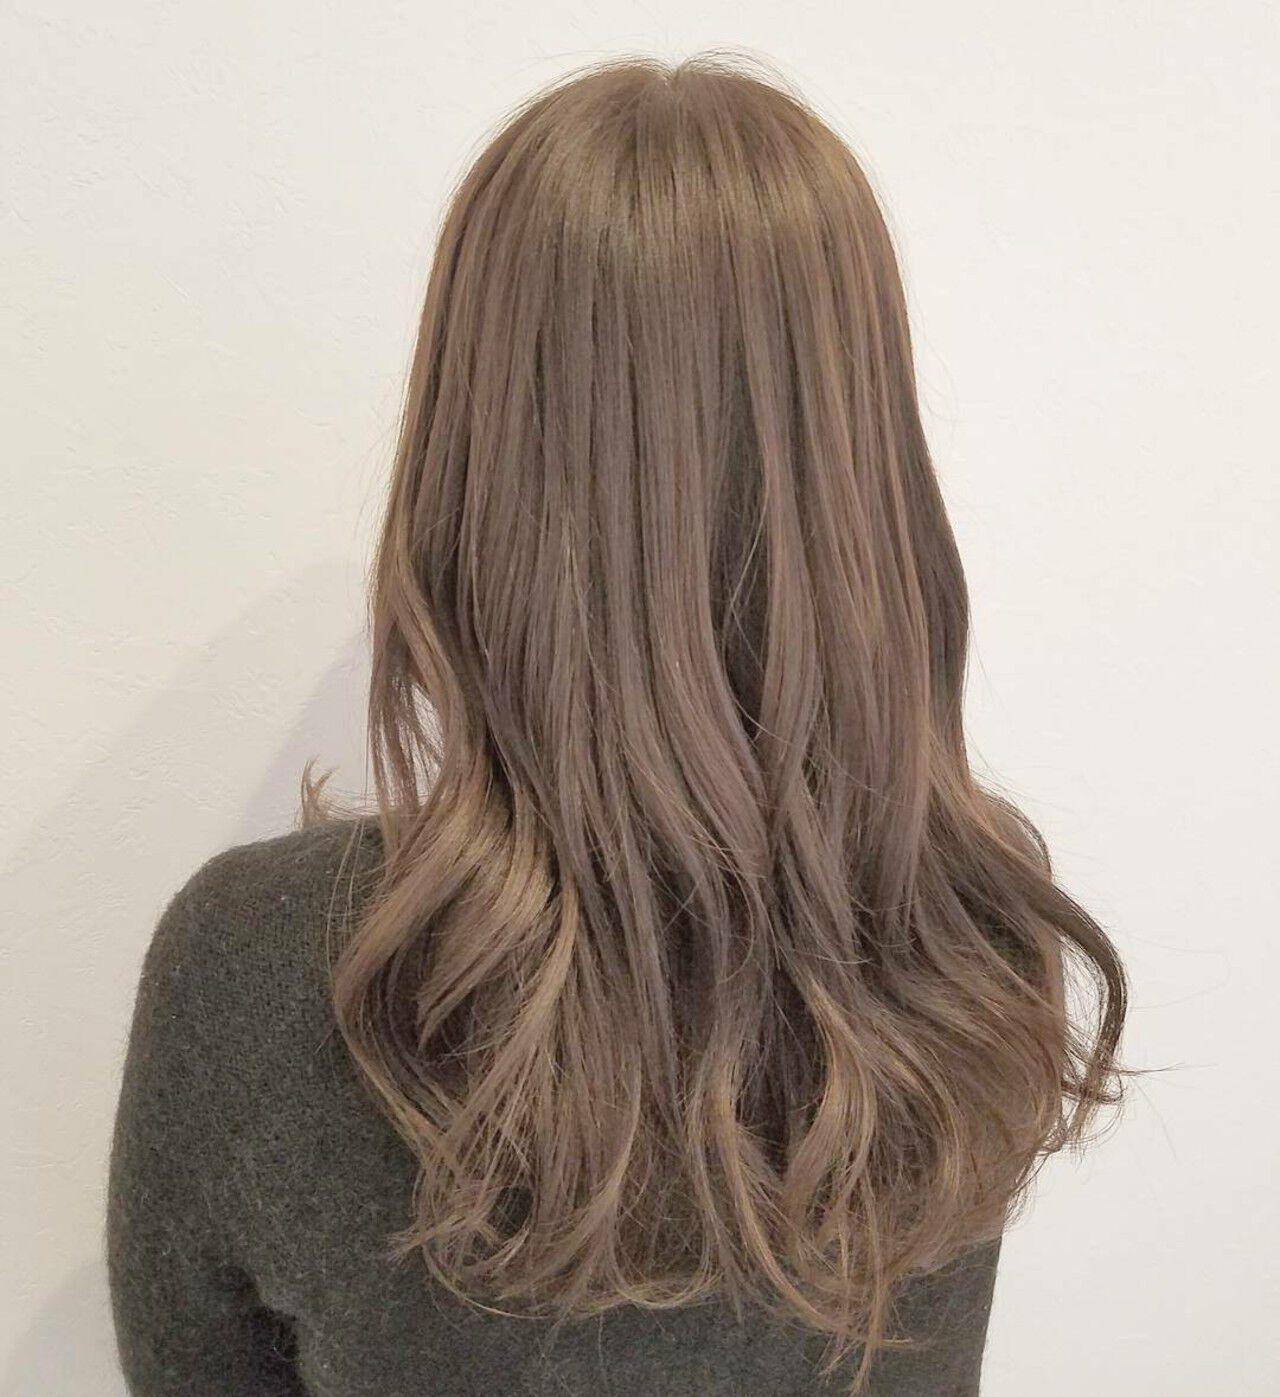 ロング ハイトーン 外国人風 ブラウンベージュヘアスタイルや髪型の写真・画像